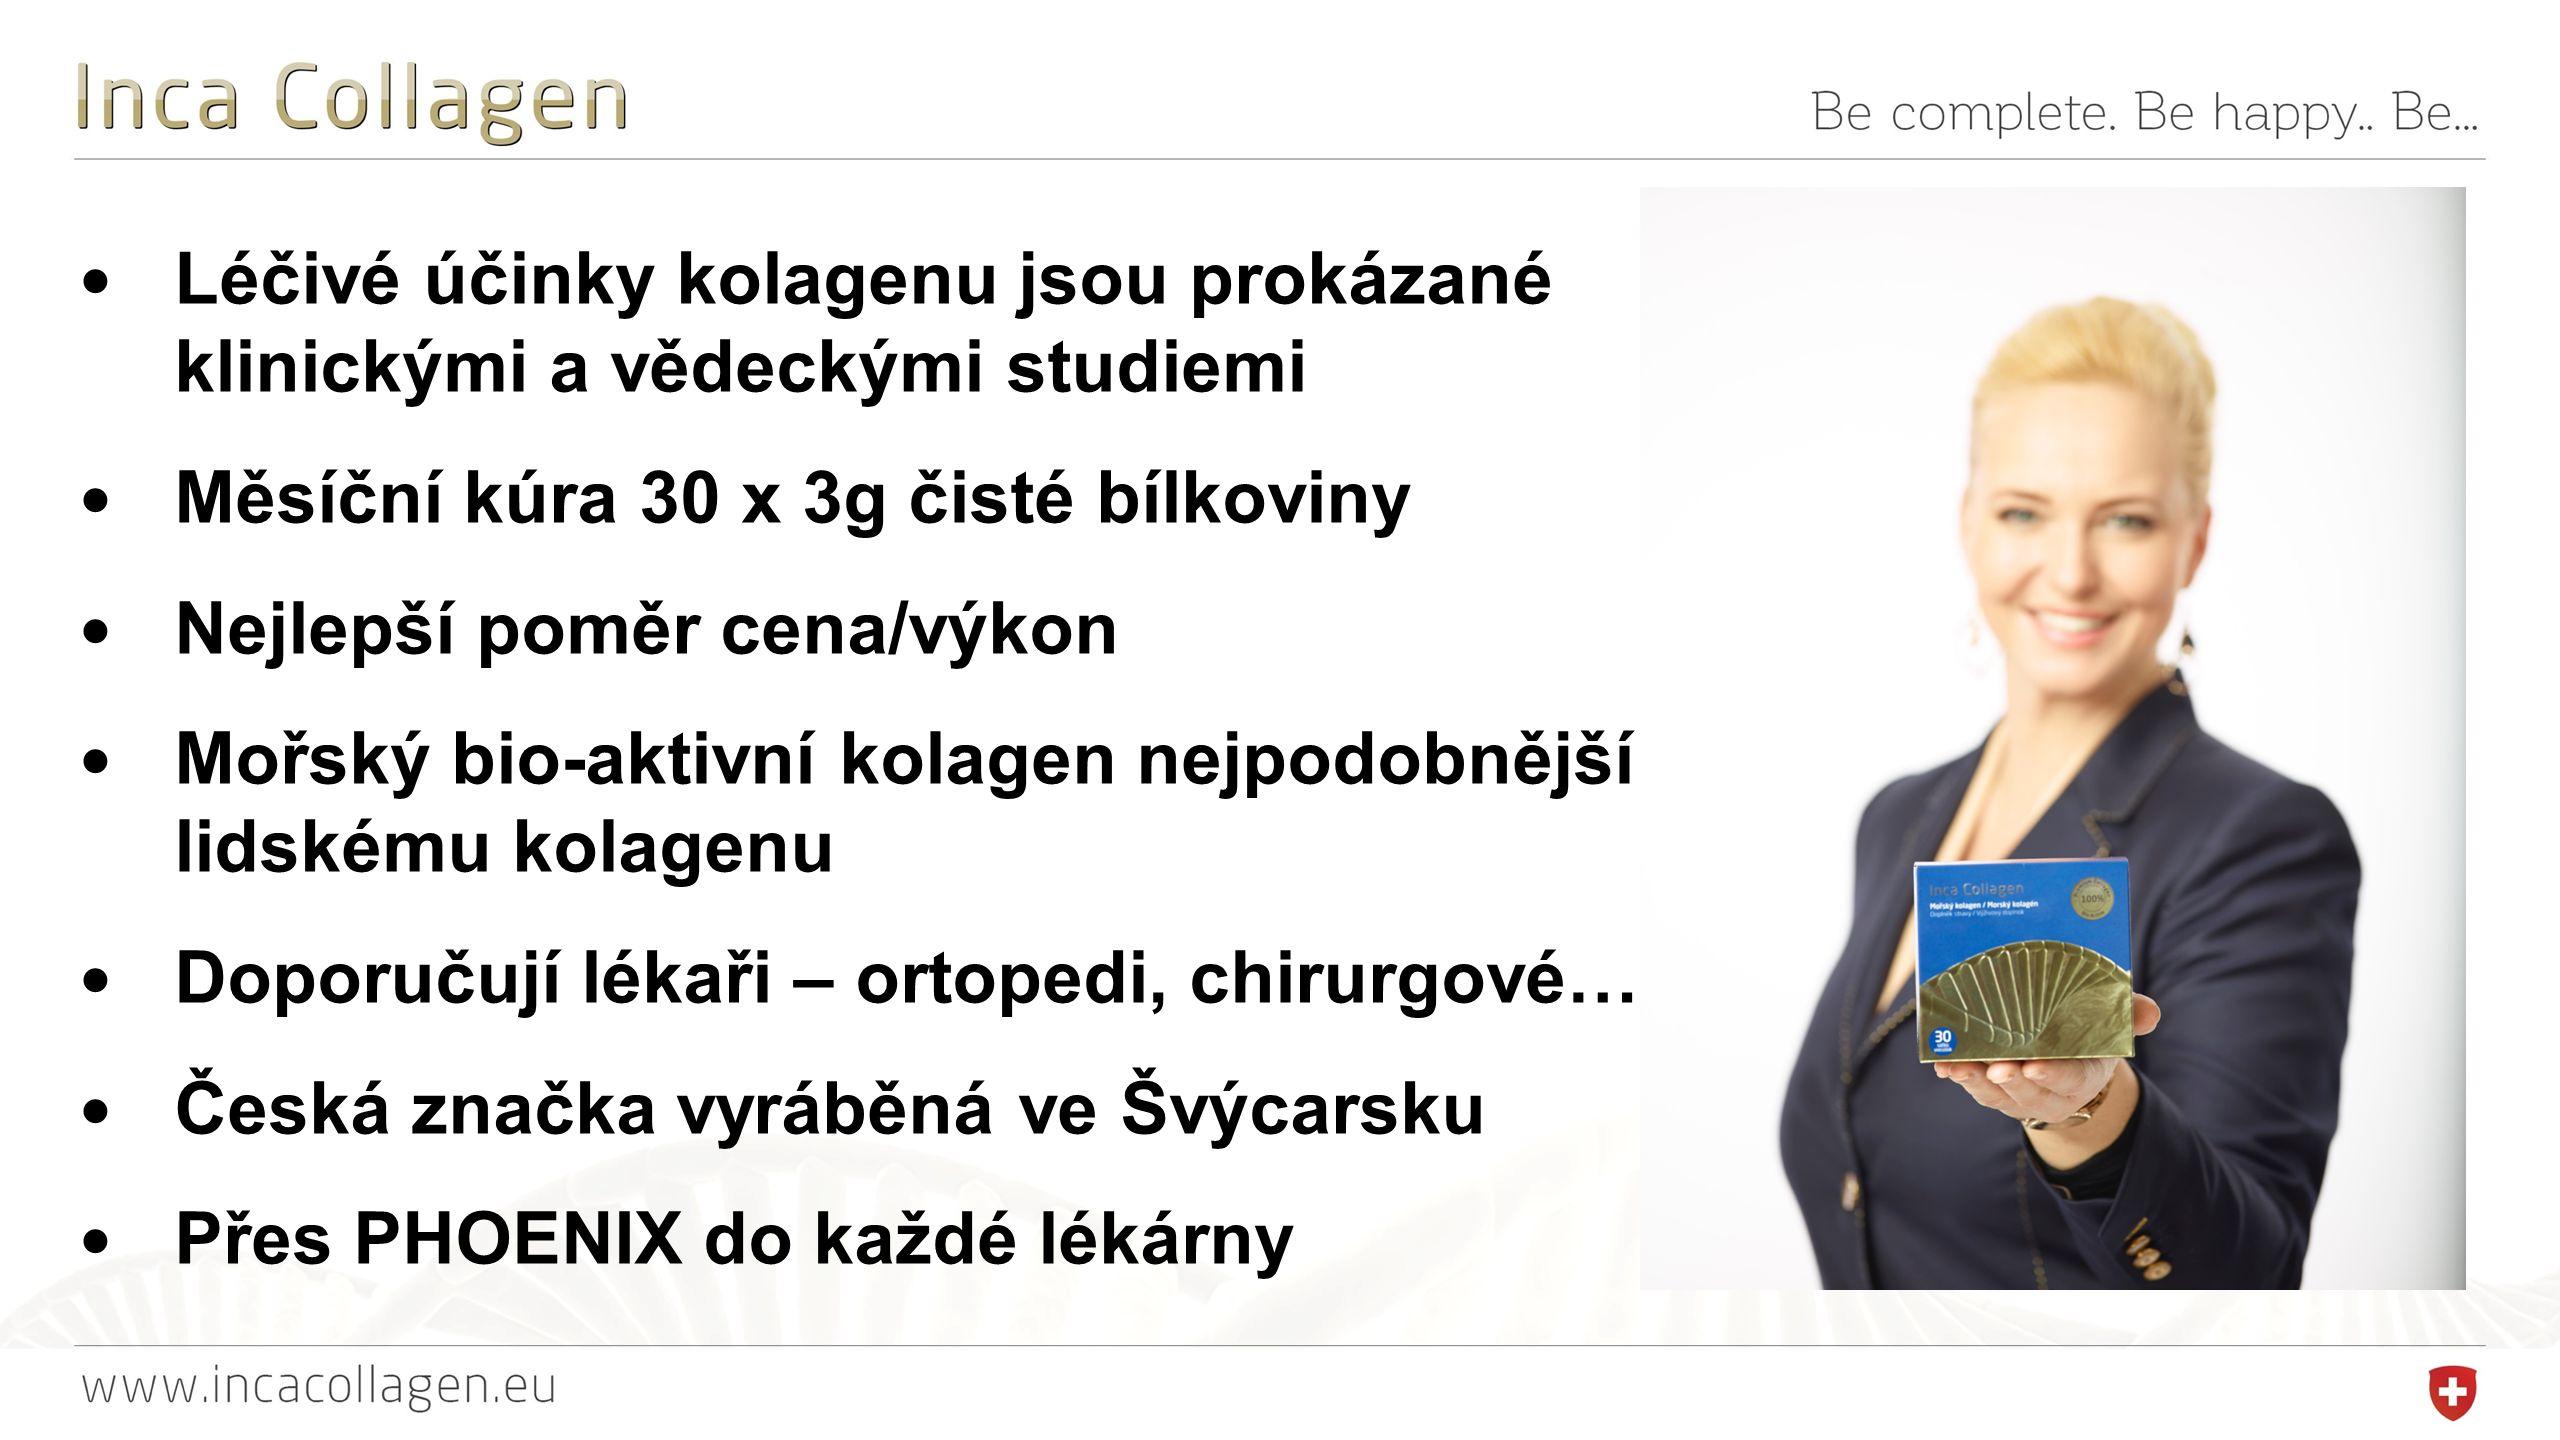 Léčivé účinky kolagenu jsou prokázané klinickými a vědeckými studiemi Měsíční kúra 30 x 3g čisté bílkoviny Nejlepší poměr cena/výkon Mořský bio-aktivní kolagen nejpodobnější lidskému kolagenu Doporučují lékaři – ortopedi, chirurgové… Česká značka vyráběná ve Švýcarsku Přes PHOENIX do každé lékárny